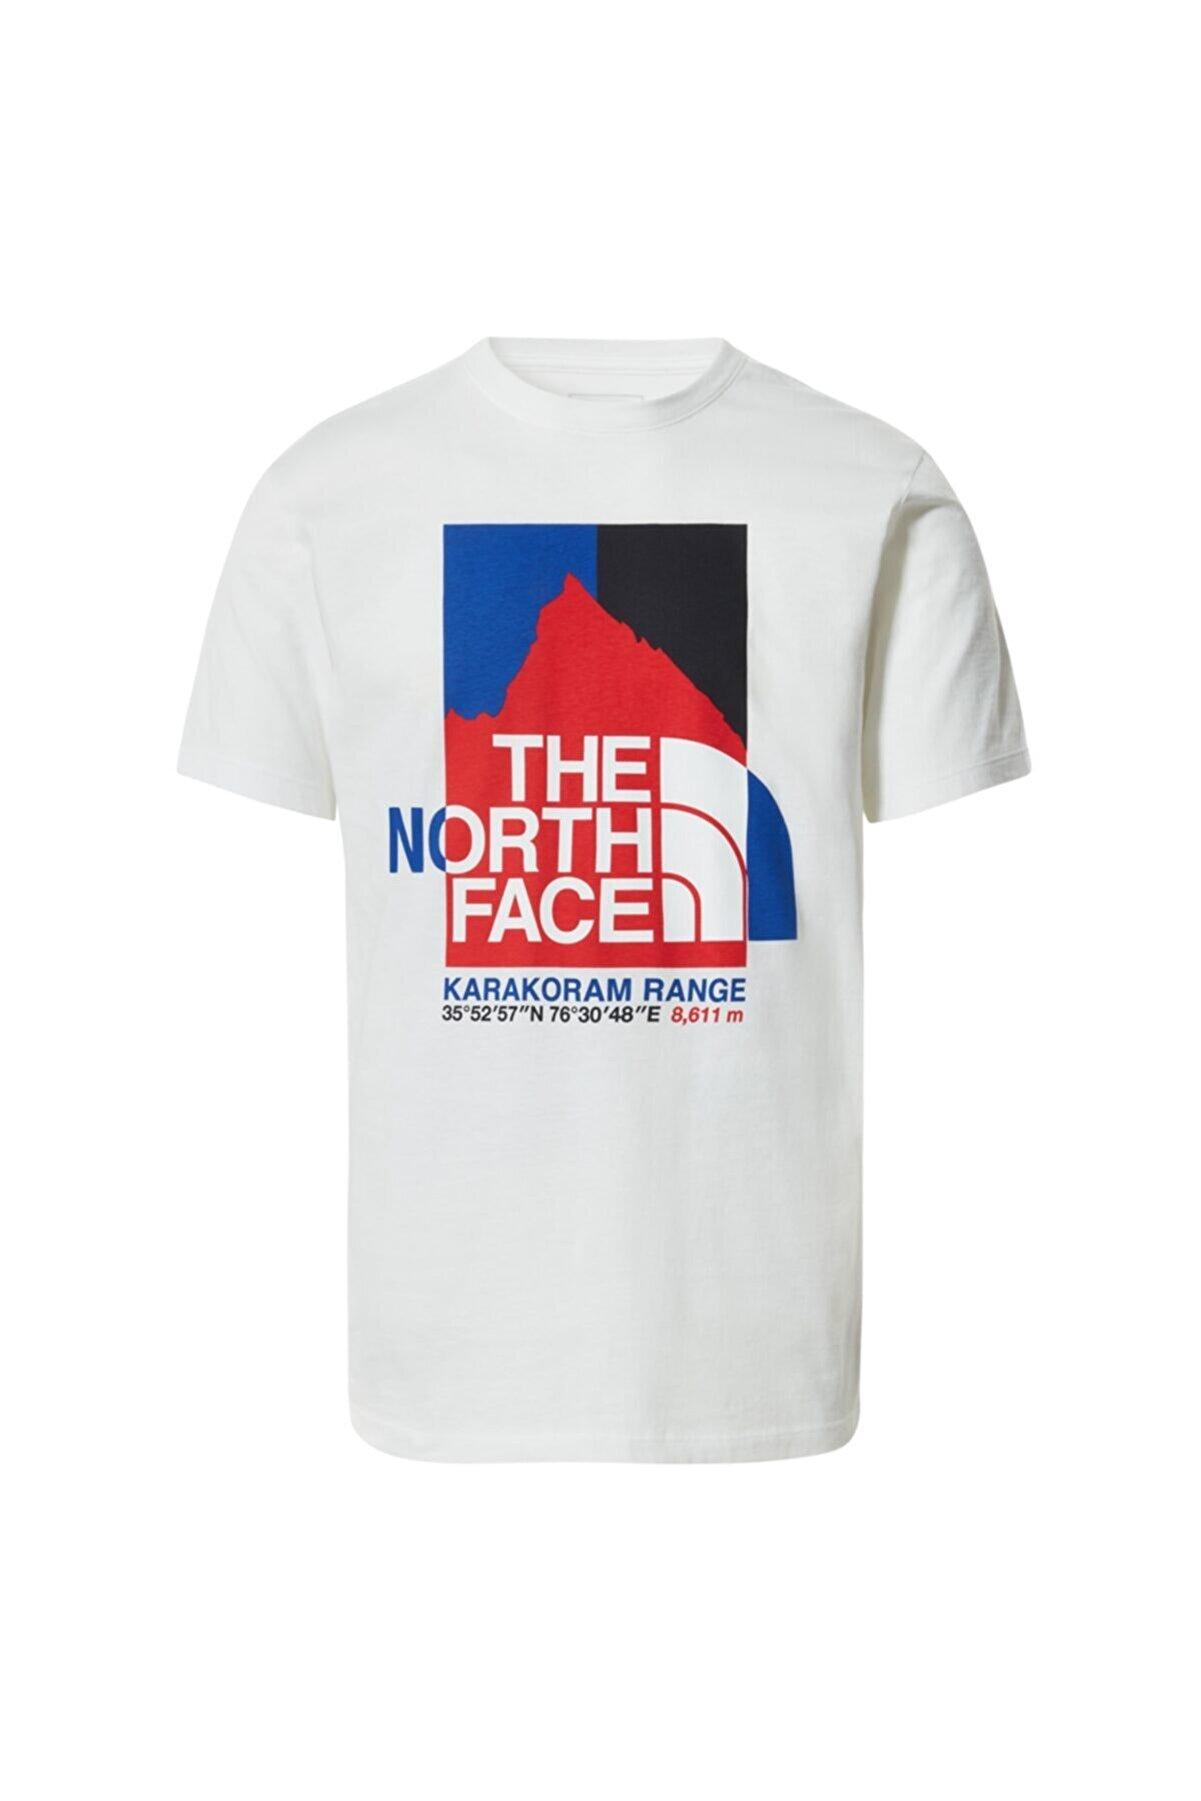 The North Face M K2rm Graphıc S/s Tee Nf0a55ulfn41